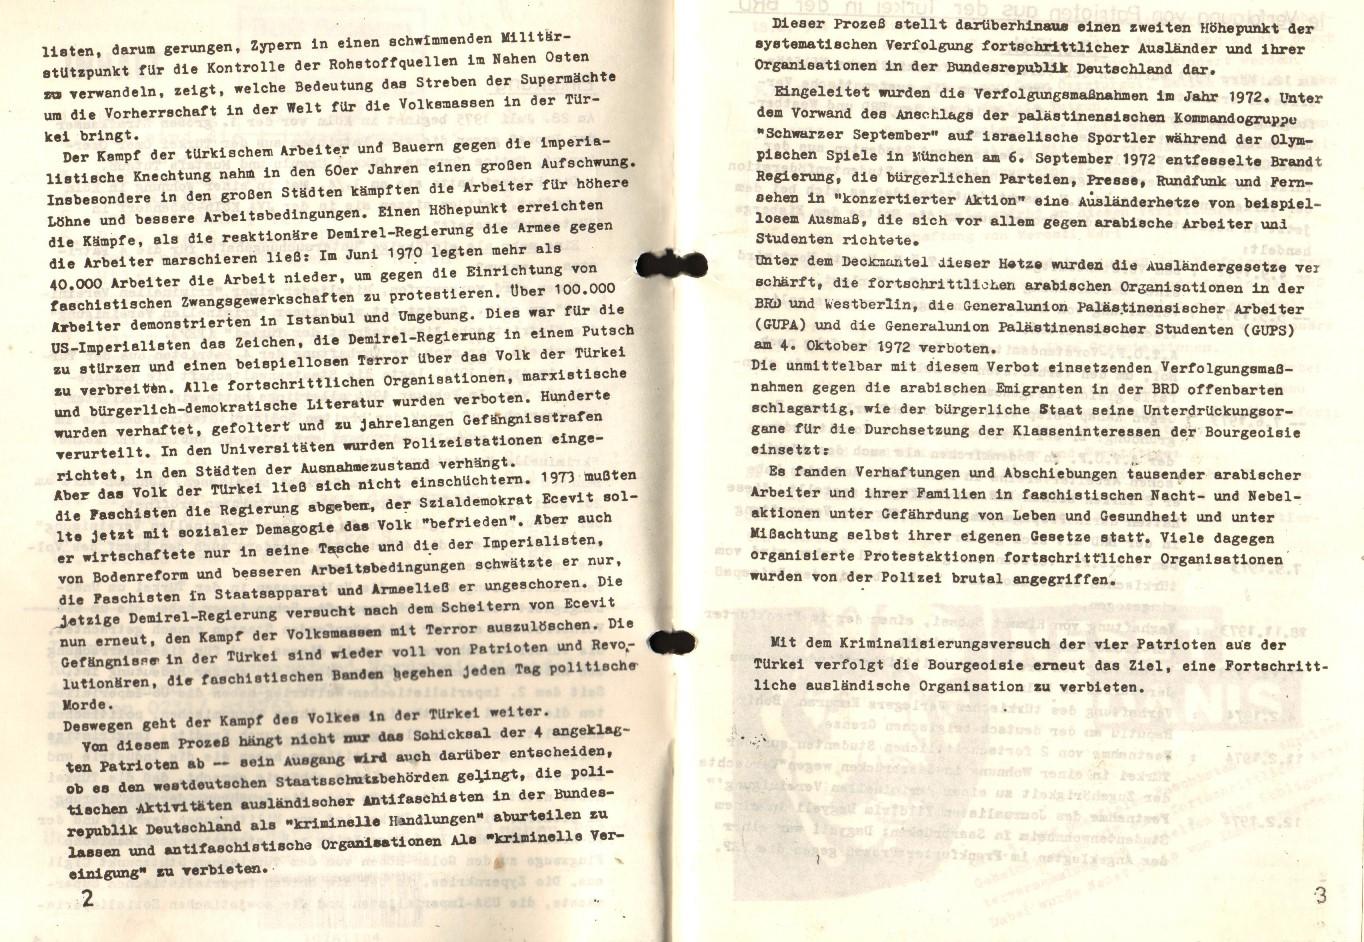 NRW_Rote_Hilfe_1975_Sofortige_Freilassung_der_tuerkischen_Patrioten_03